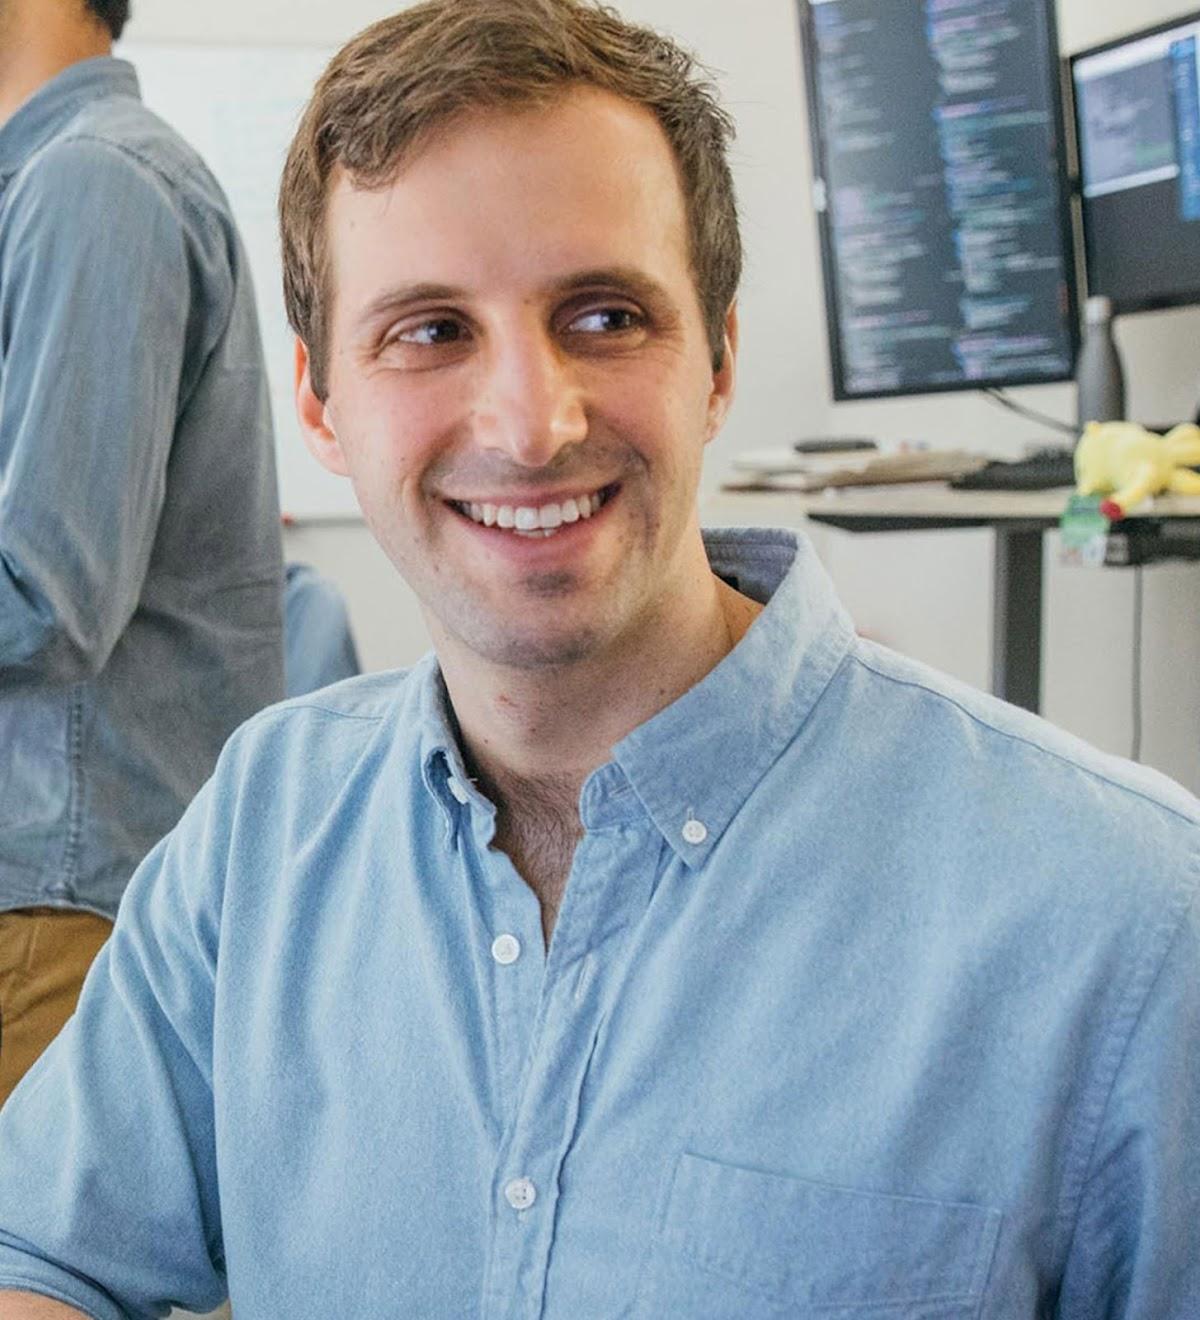 Troy Astorino, cofundador e diretor de tecnologia da PicnicHealth, conversa com um colega de trabalho enquanto outro colaborador trabalha no computador atrás dele.